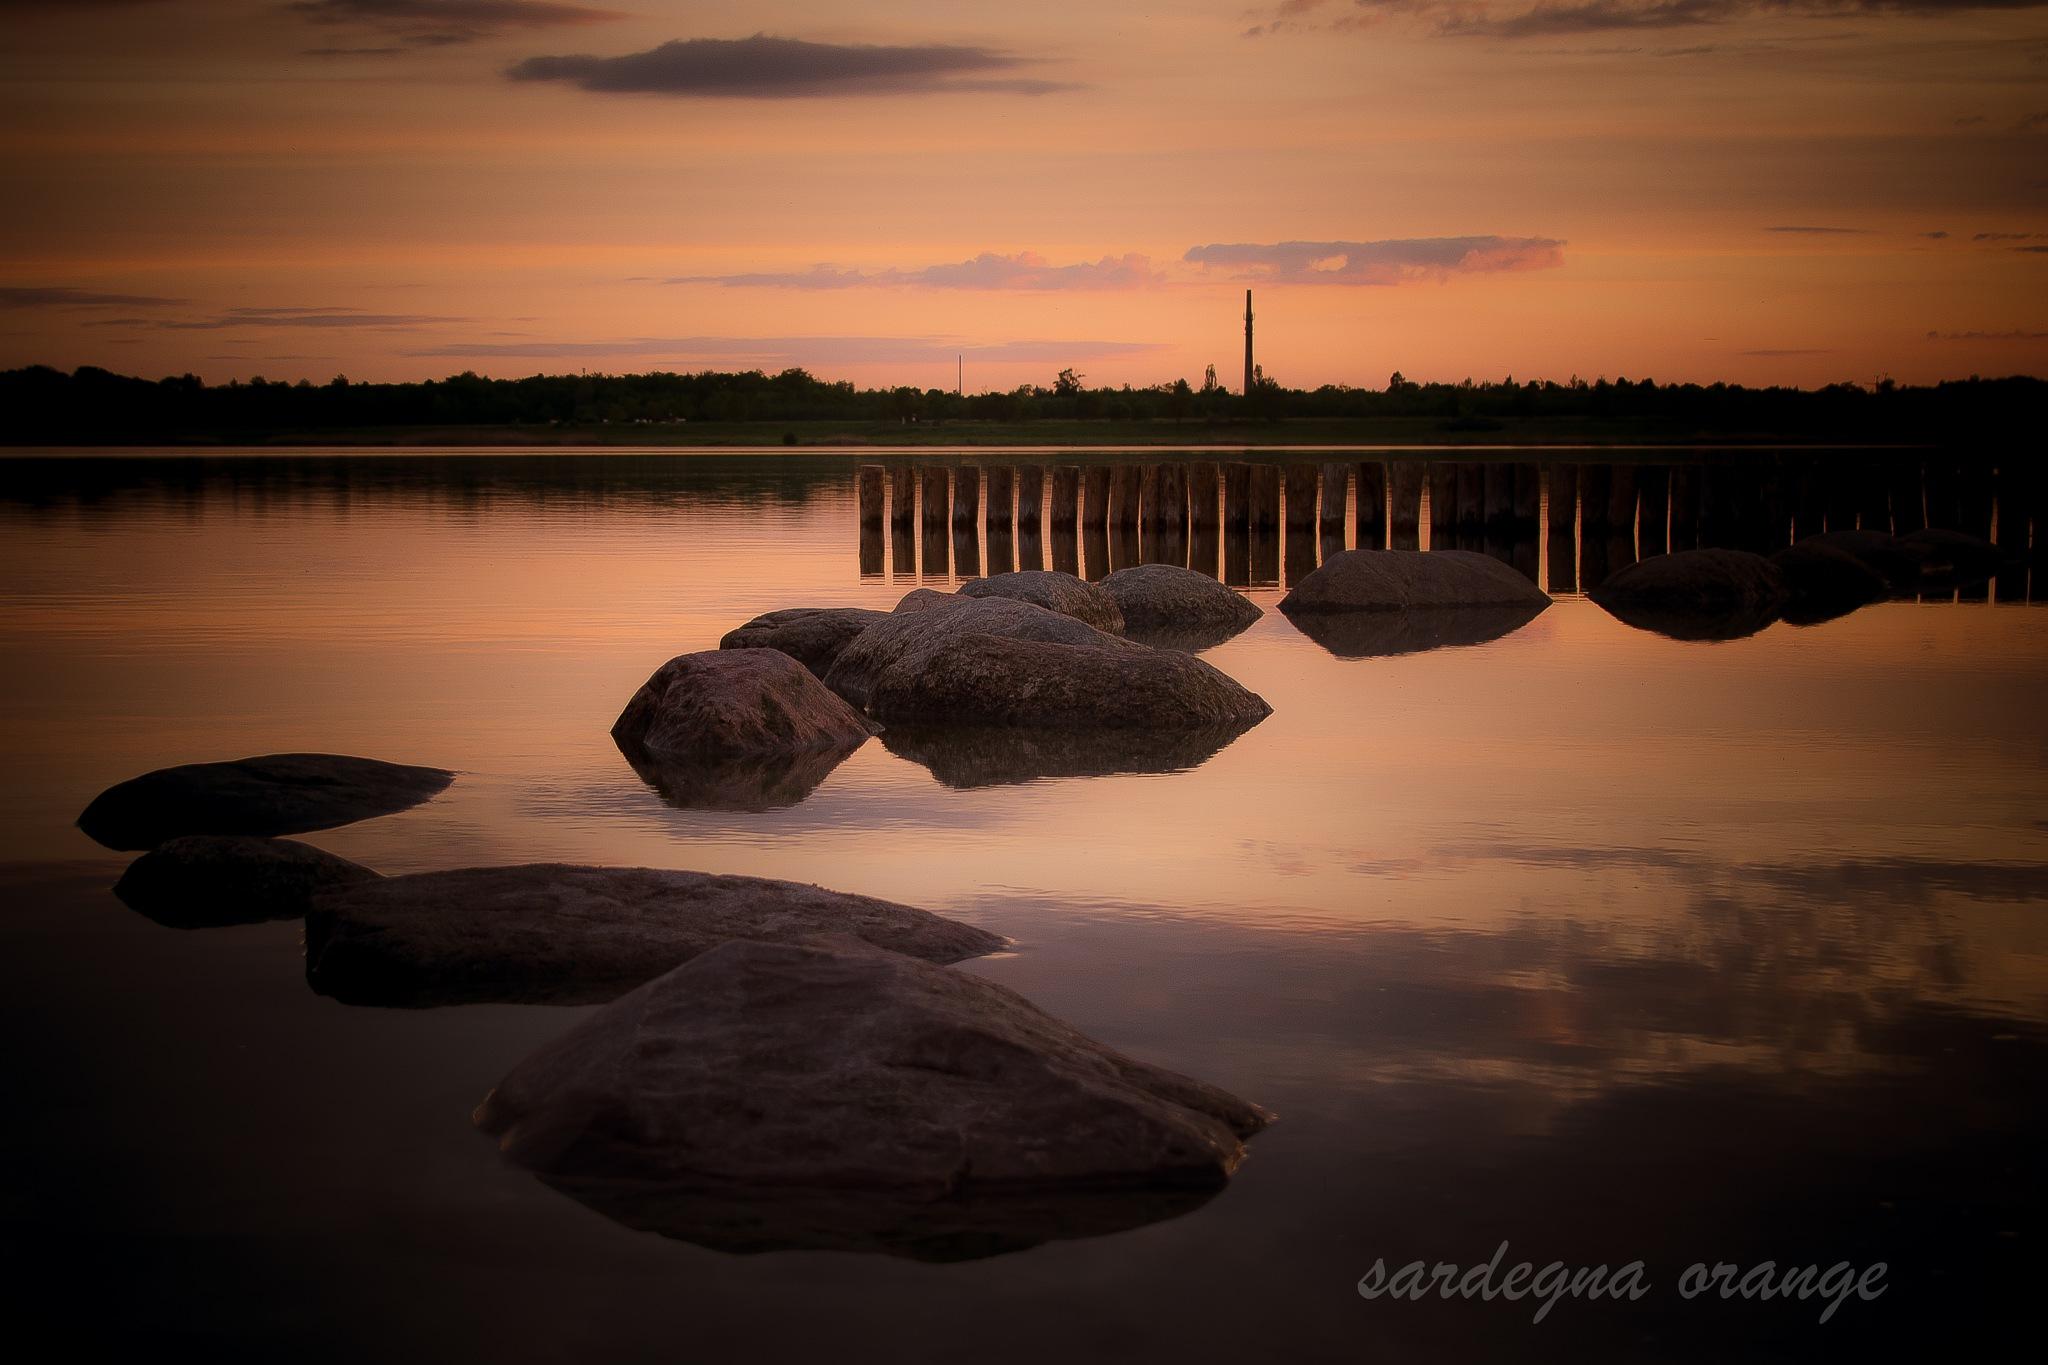 stones by sardegna:orange & jo:black